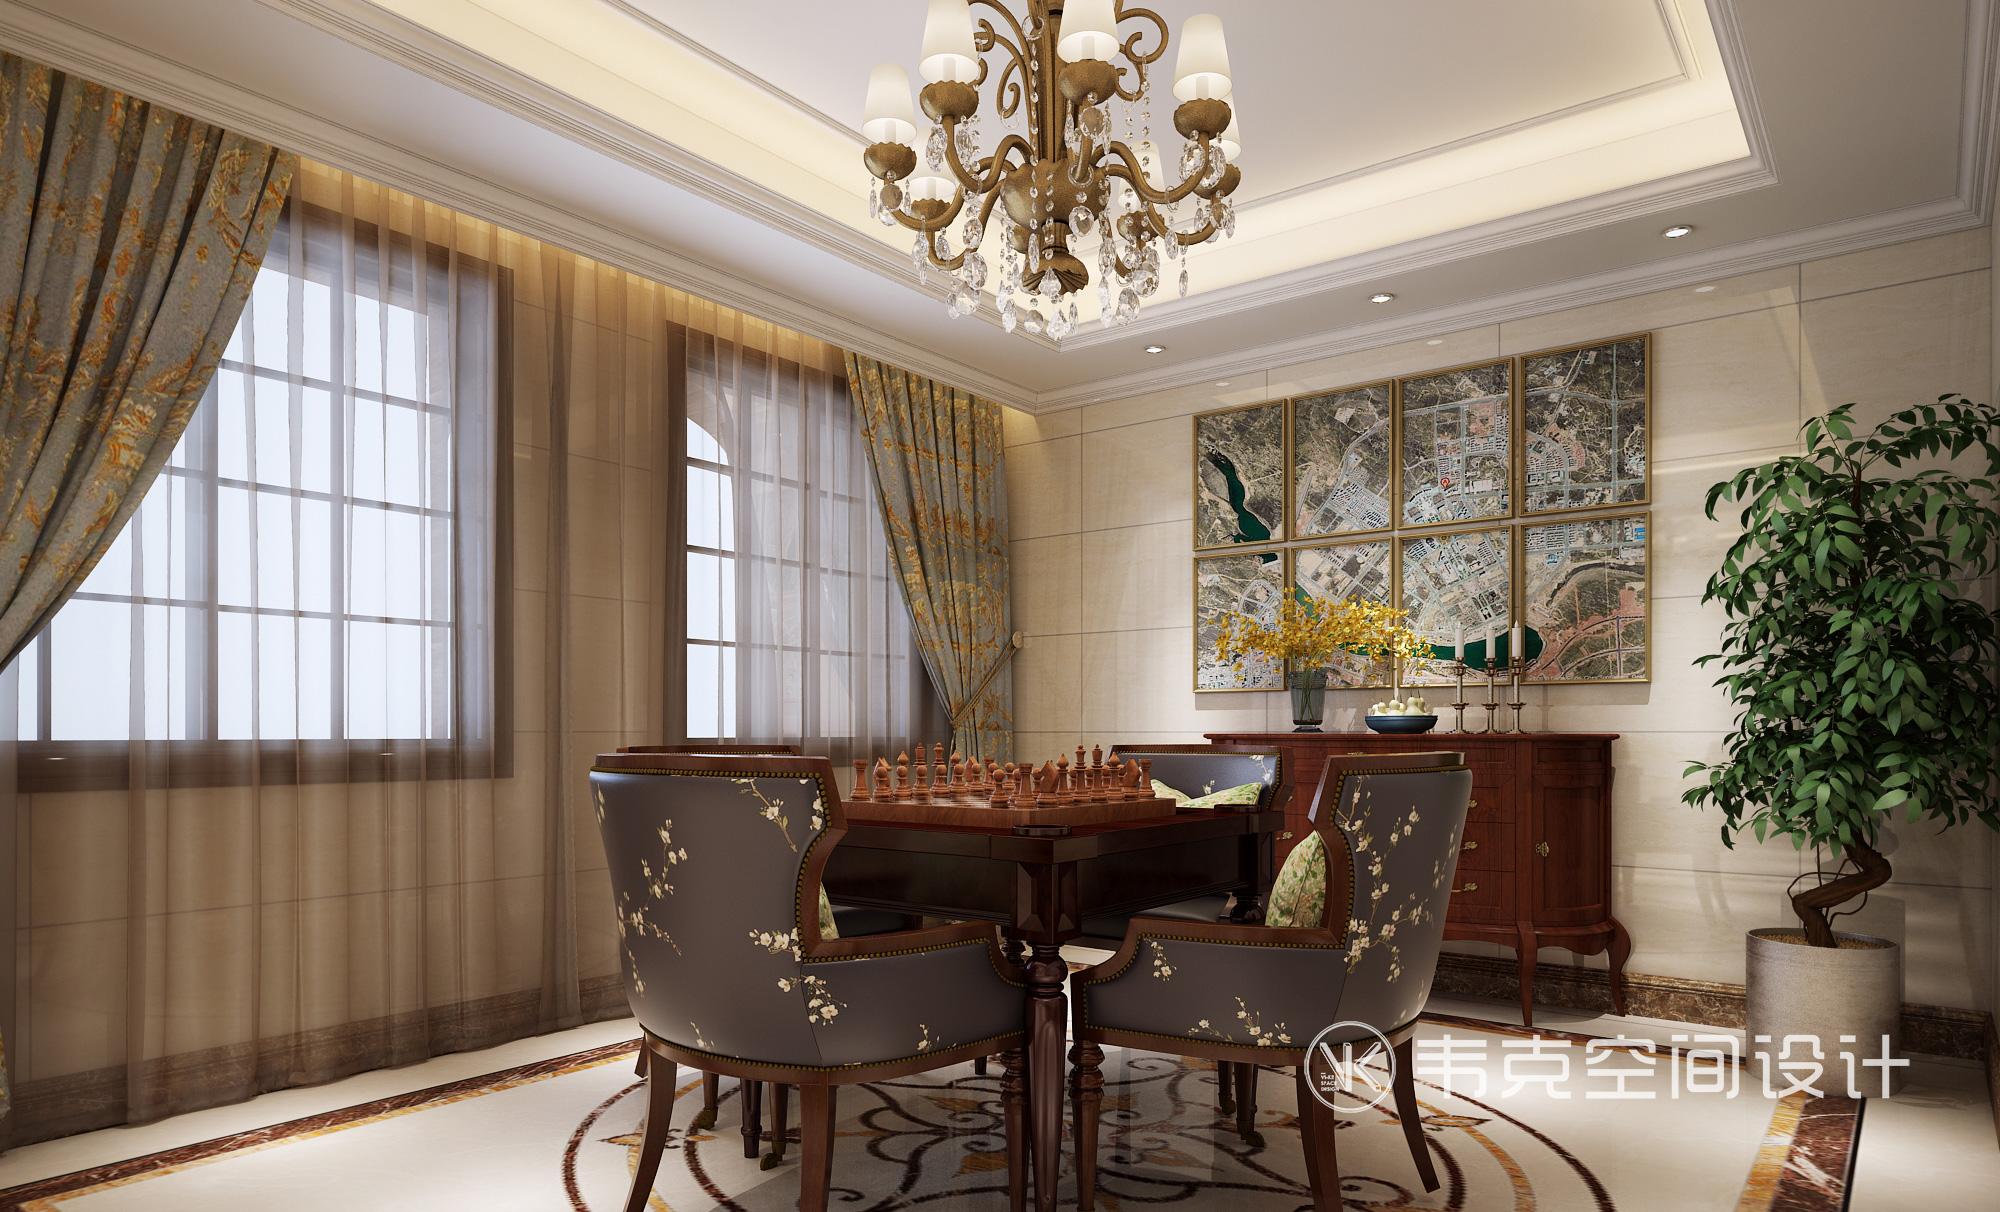 别墅 其他图片来自韦克空间设计在暖暖的古典美式,邂逅浪漫时光的分享